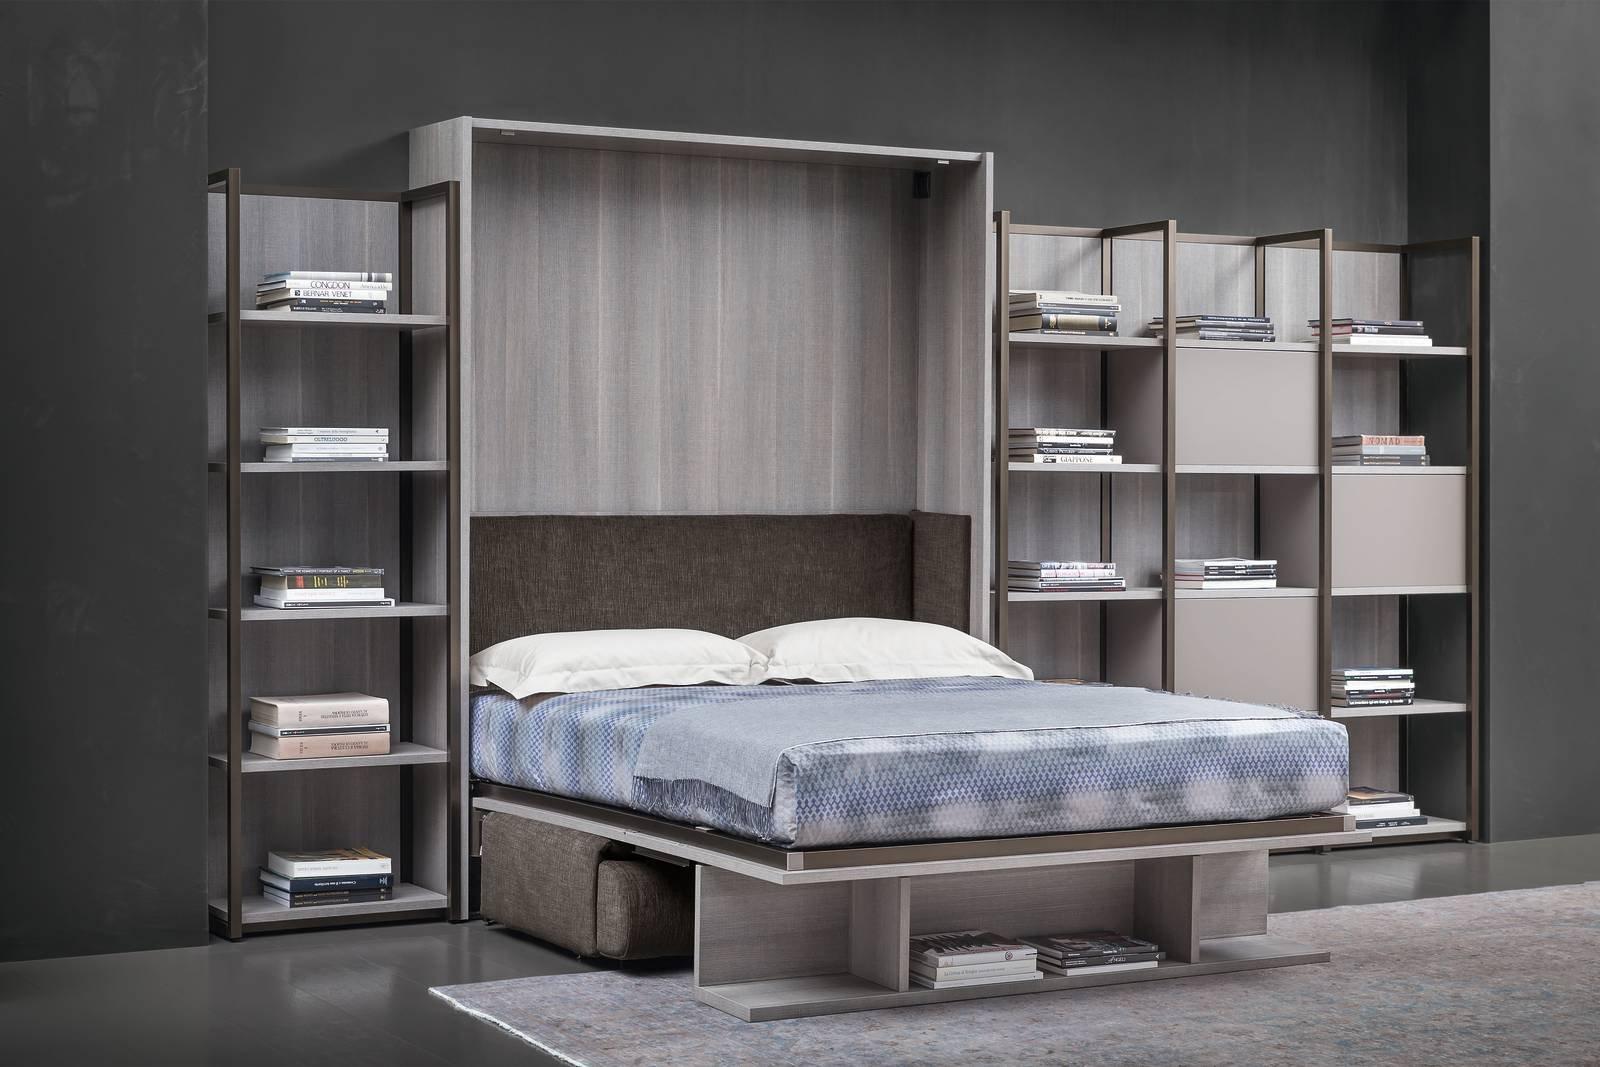 Letto incassato nellarmadio ikea design casa creativa e for Mobile letto ikea